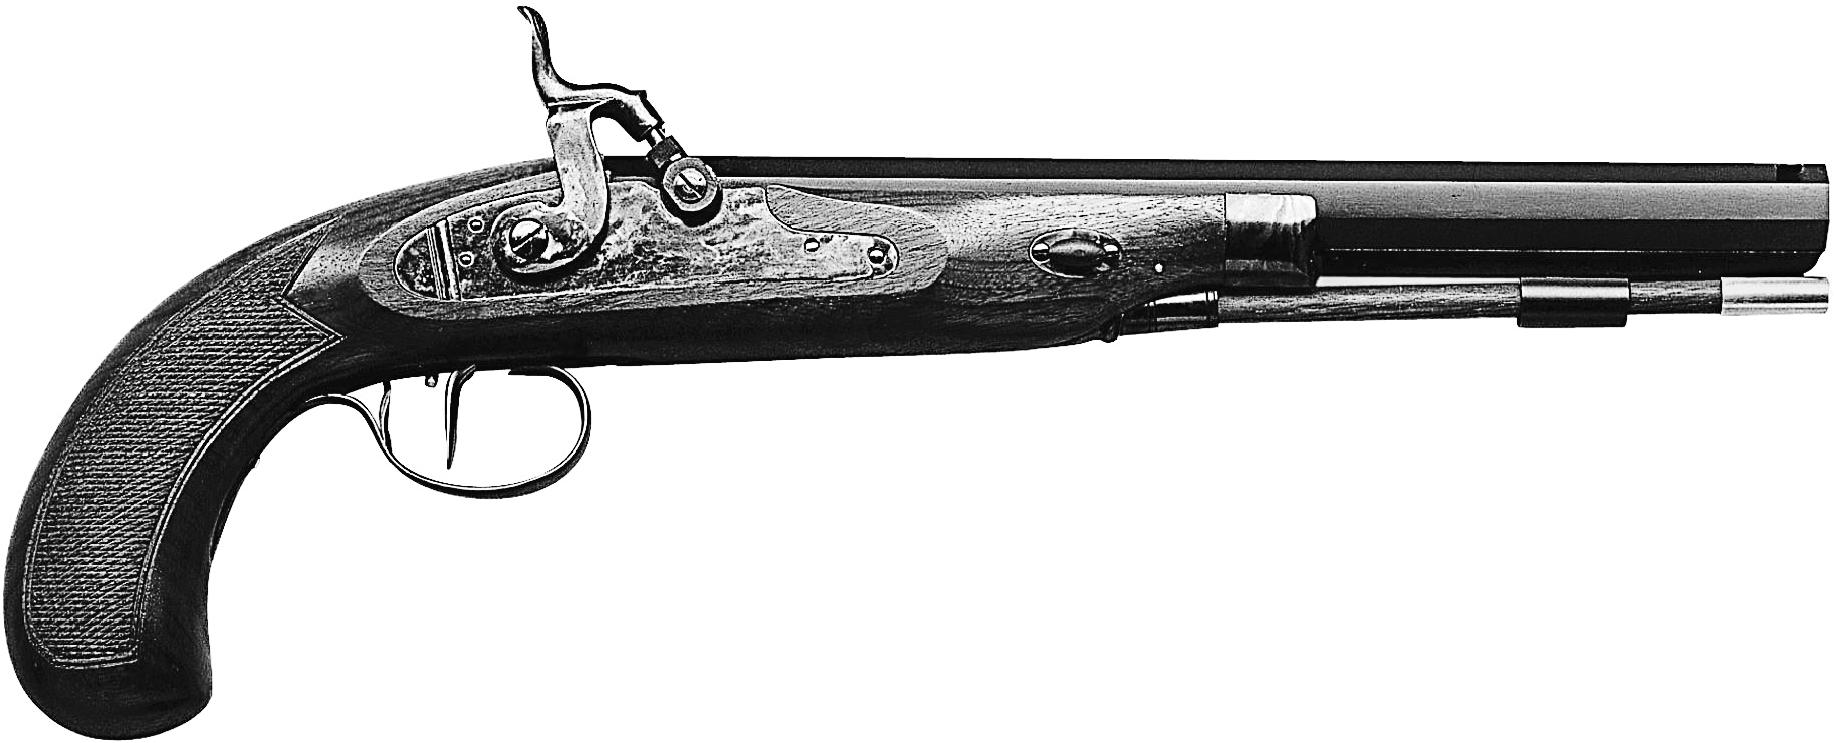 Charles Moore Dueling Pistol